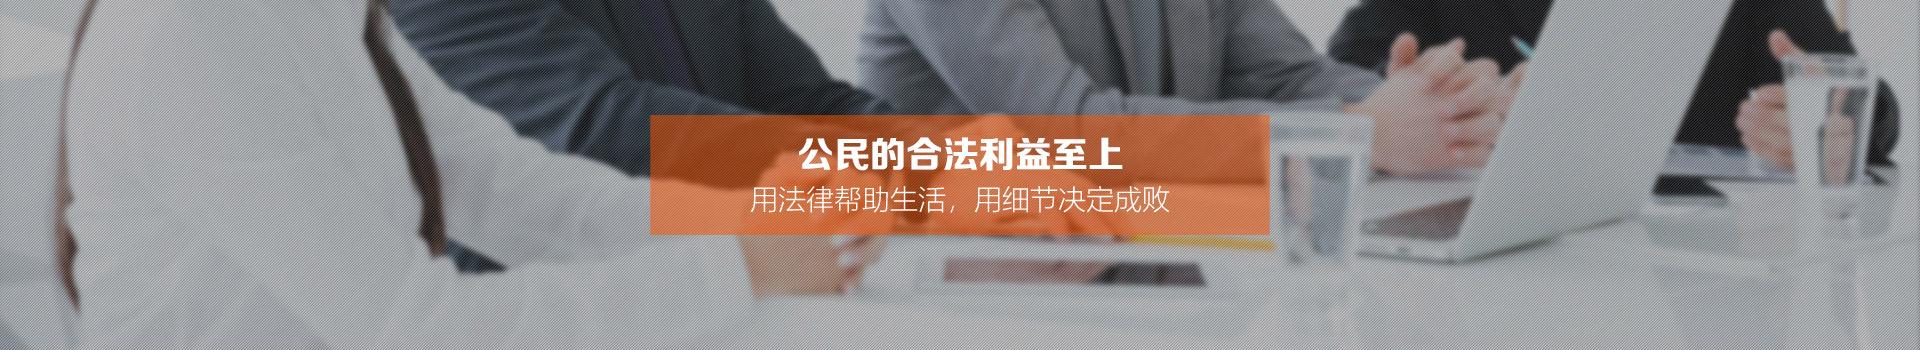 哈尔滨房产律师网6